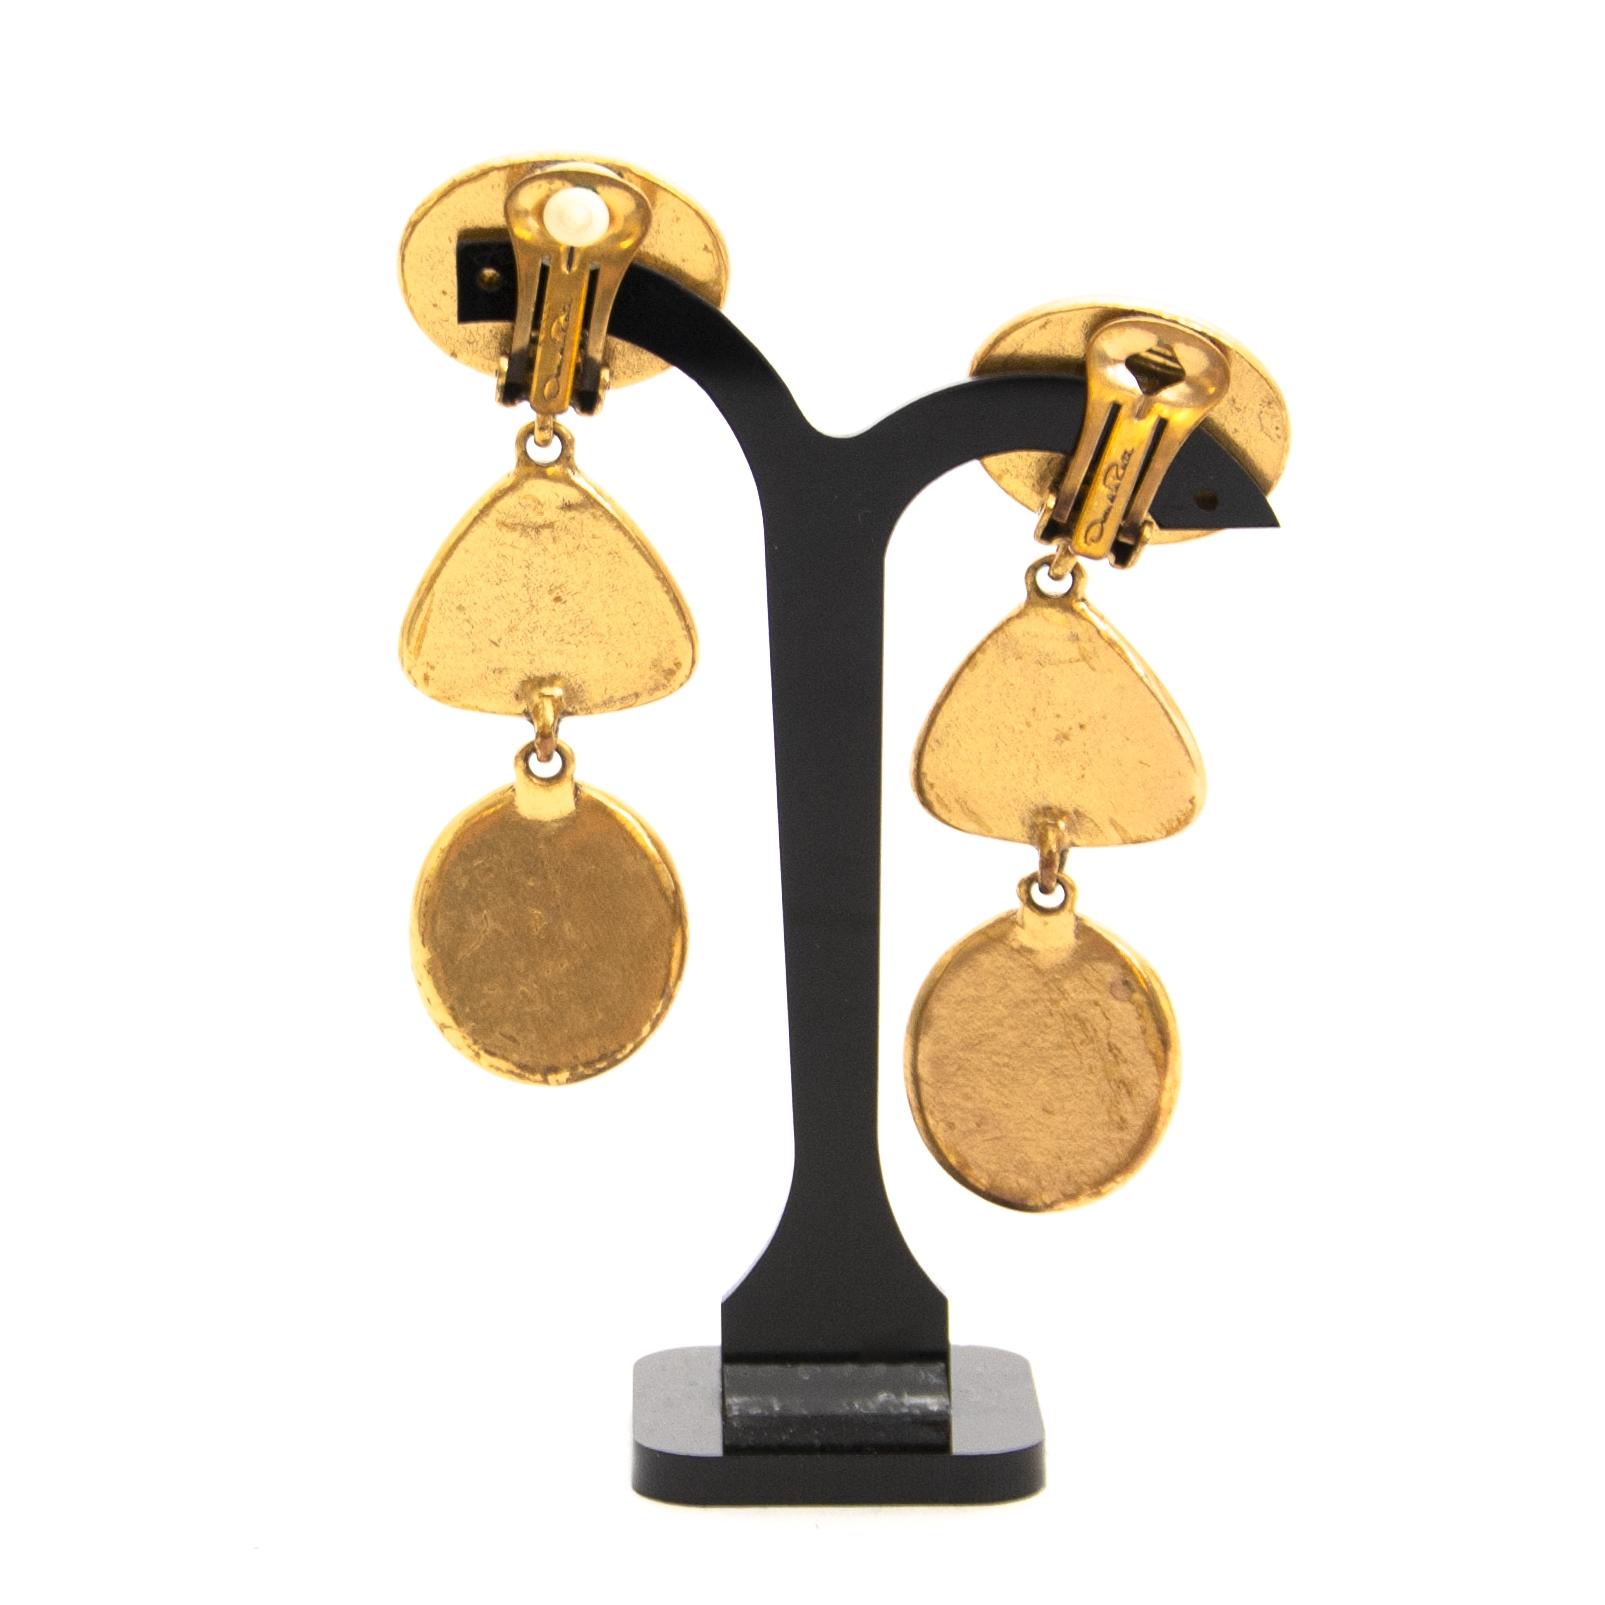 Authentieke tweedehands vintage Oscar De La Renta Curved Cabachon Clip Earrings koop online webshop LabelLOV